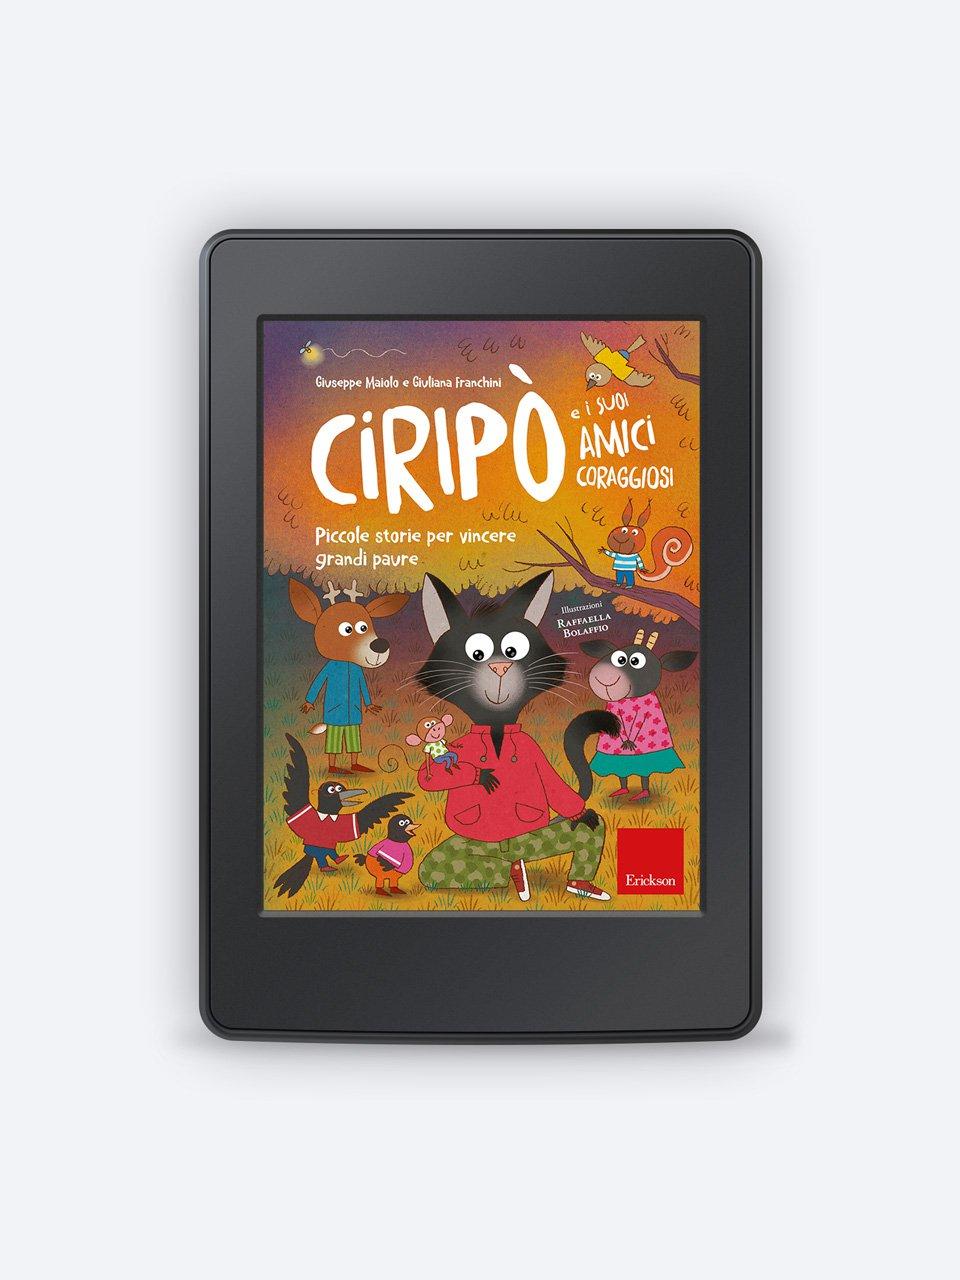 Ciripò e i suoi amici coraggiosi - Le favole che fanno crescere - Volume 1 - Libri - Erickson